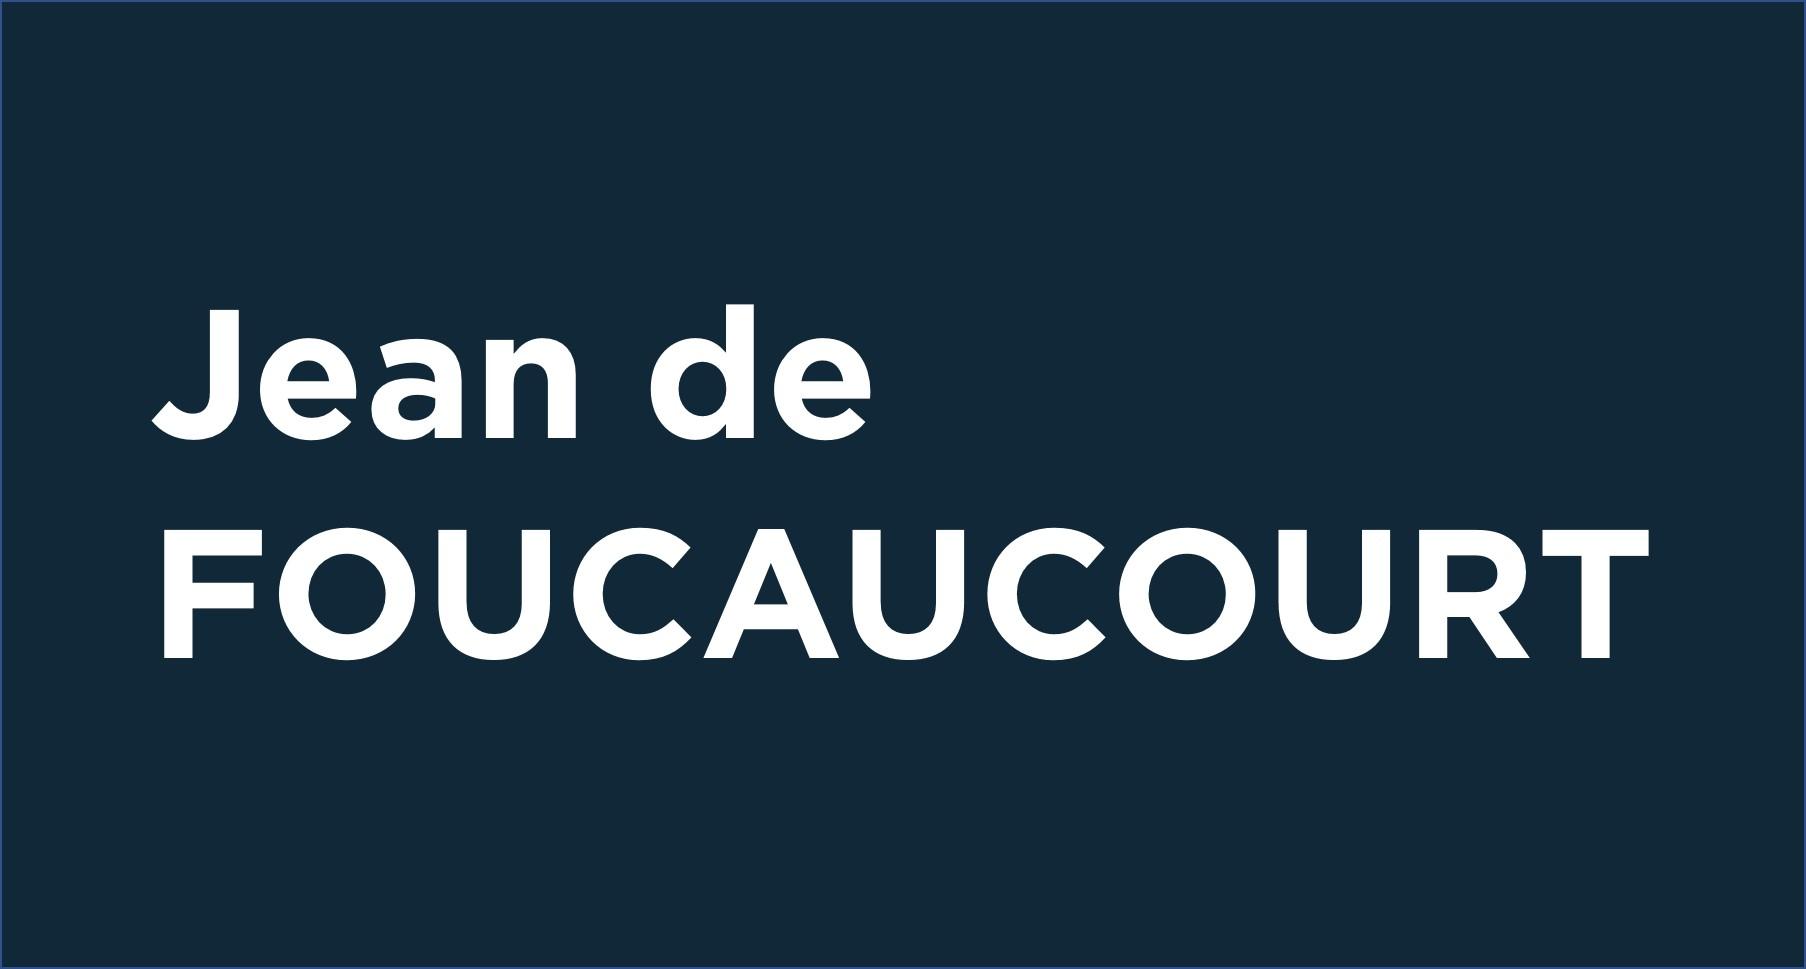 Jean de Foucaucourt